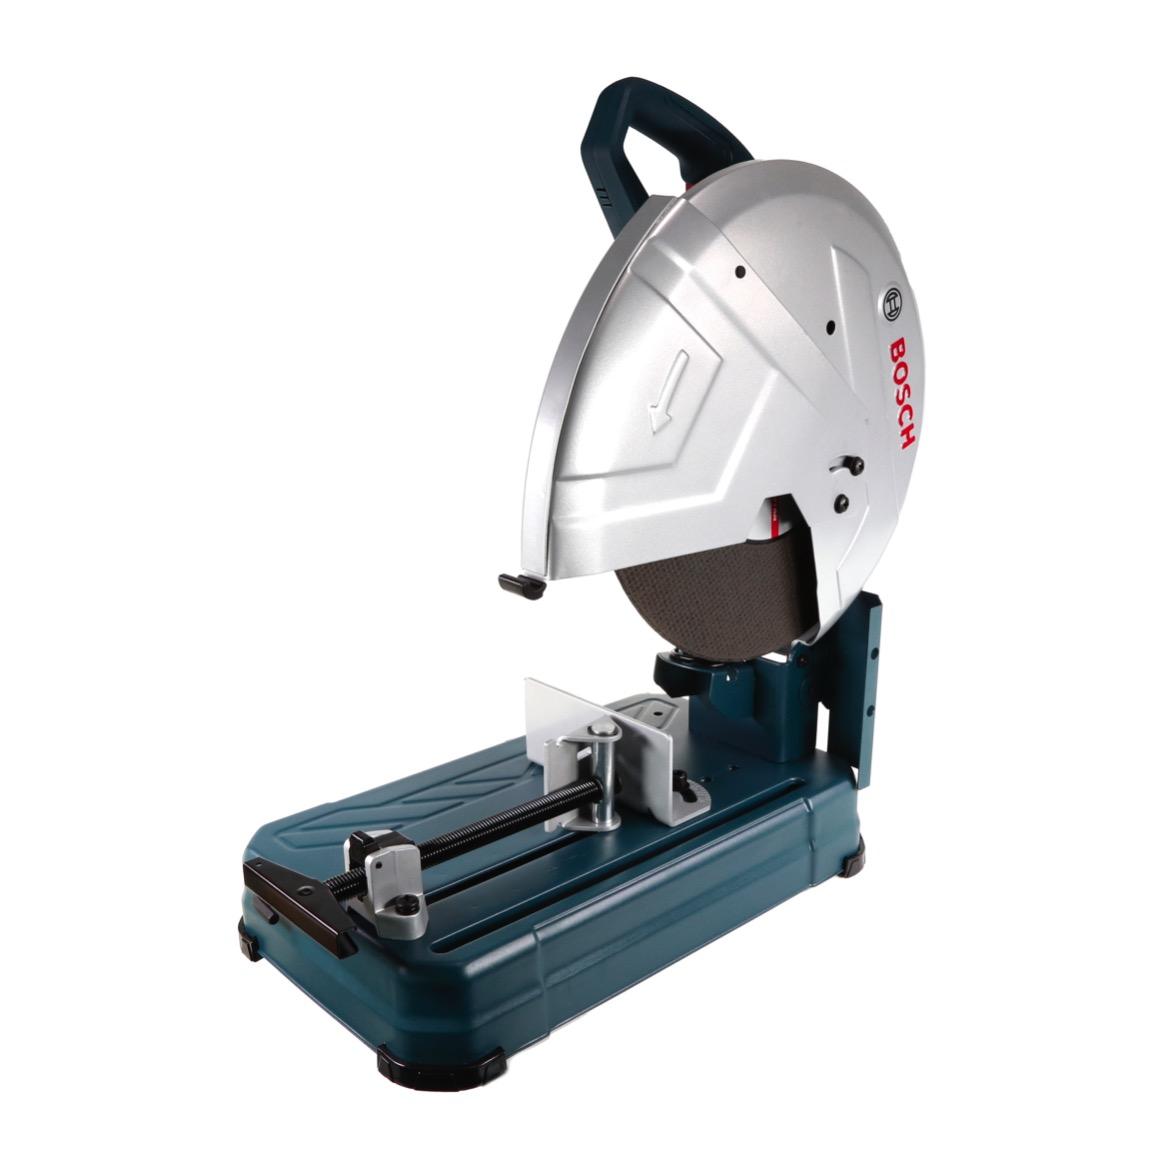 Bevorzugt Bosch GCO 20-14 Metall Trennschleifer Säge für Metall mit WZ84